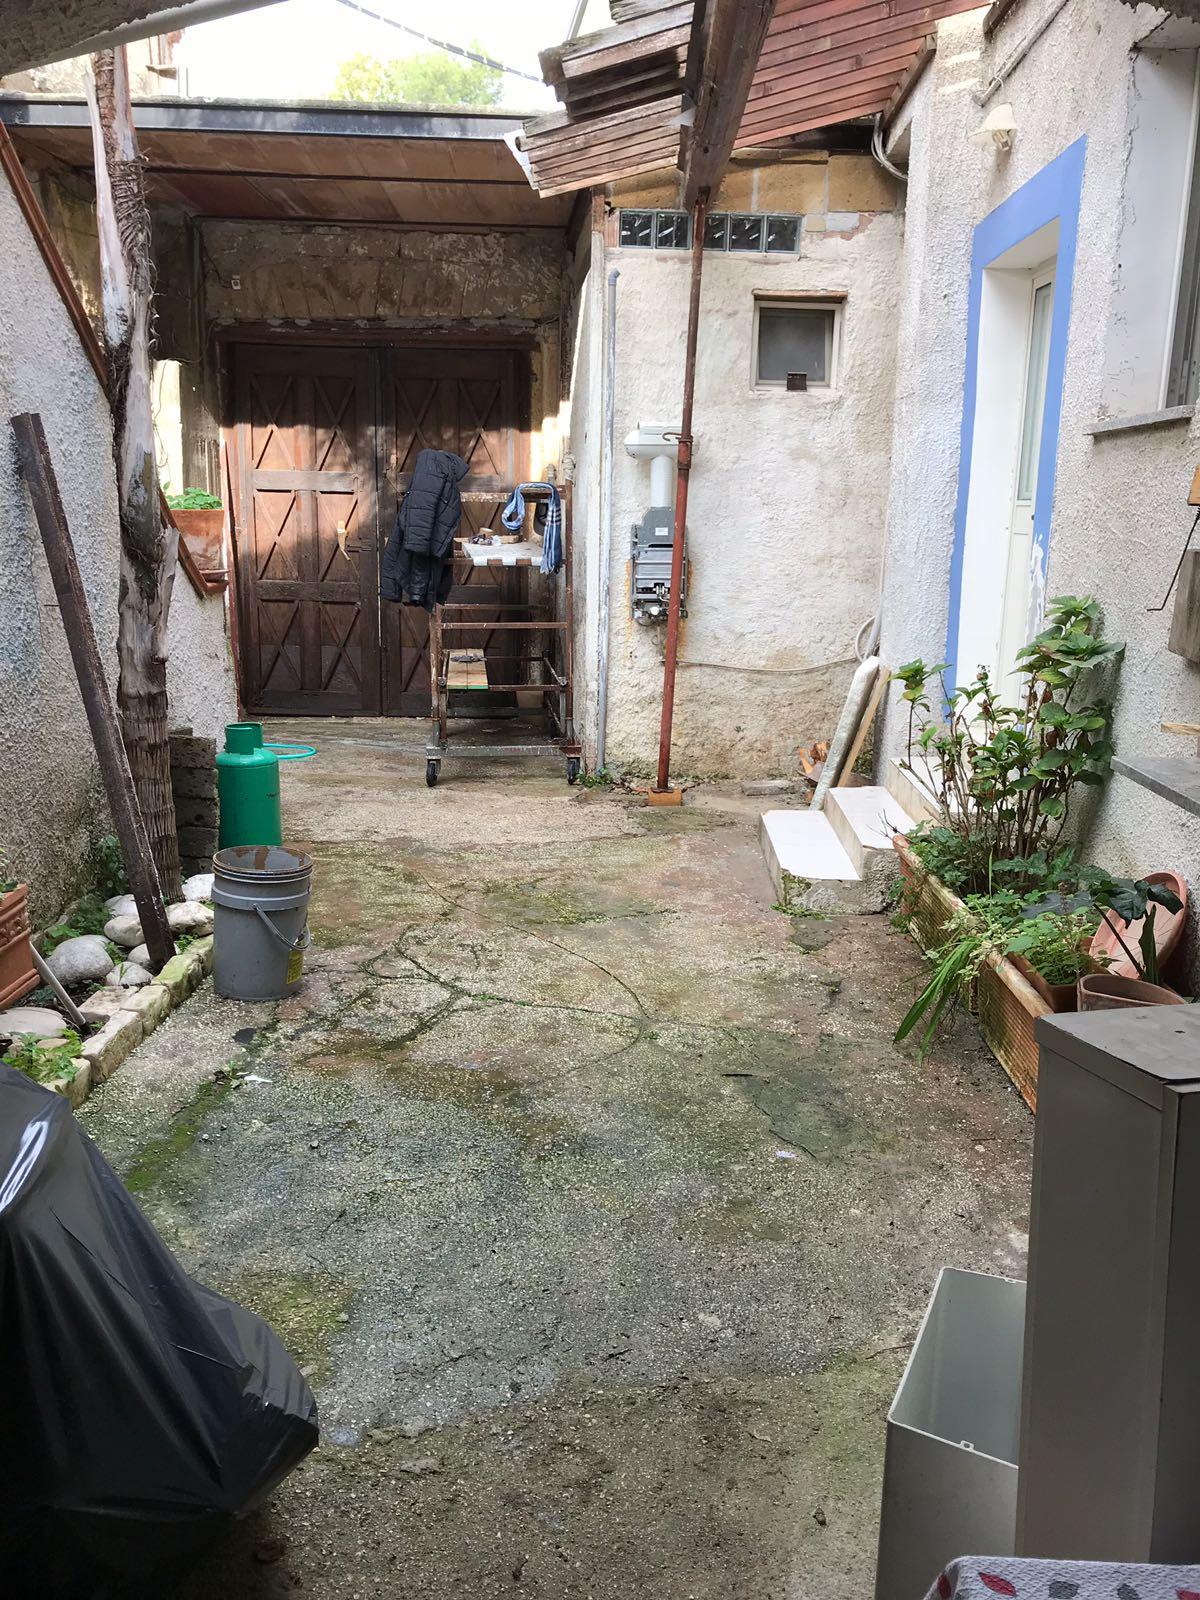 Case Vendita Piani Di Bobbio  surabaya 2022